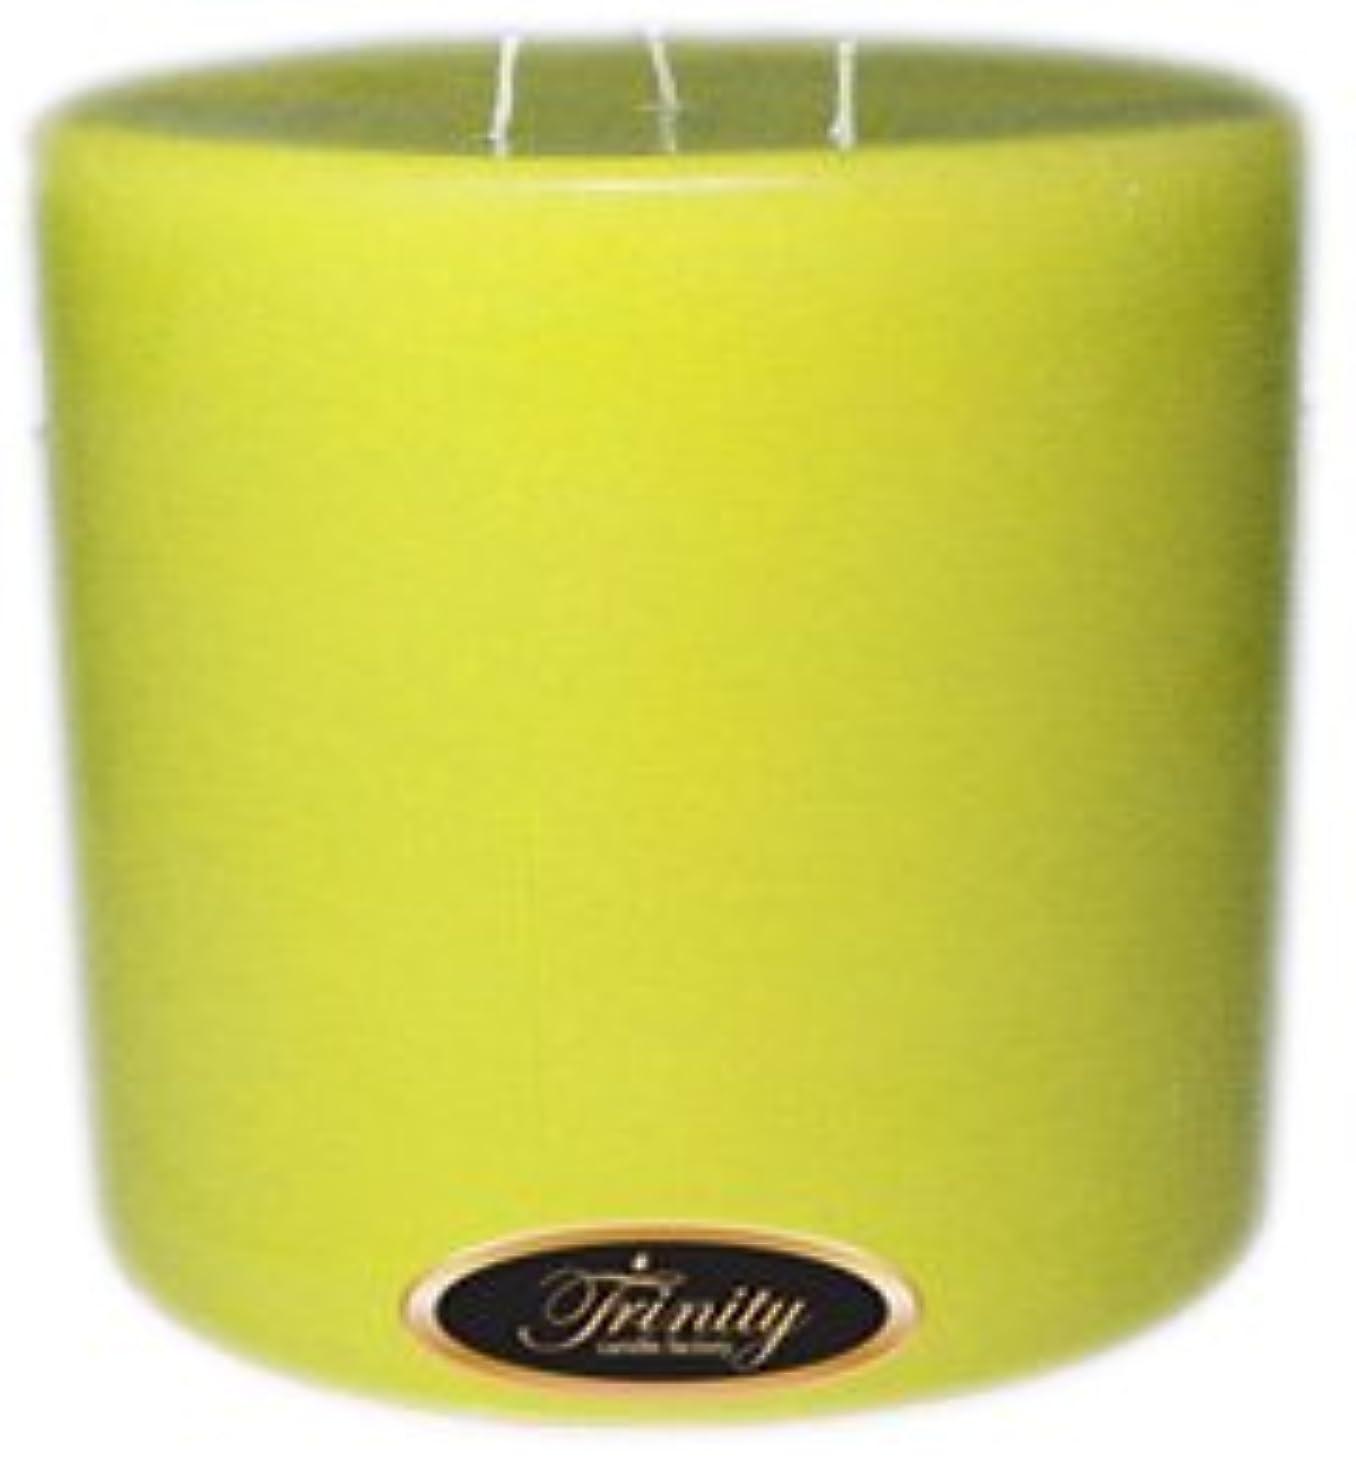 検索エンジンマーケティング小麦粉狂うTrinity Candle工場 – レモンシフォン – Pillar Candle – 6 x 6